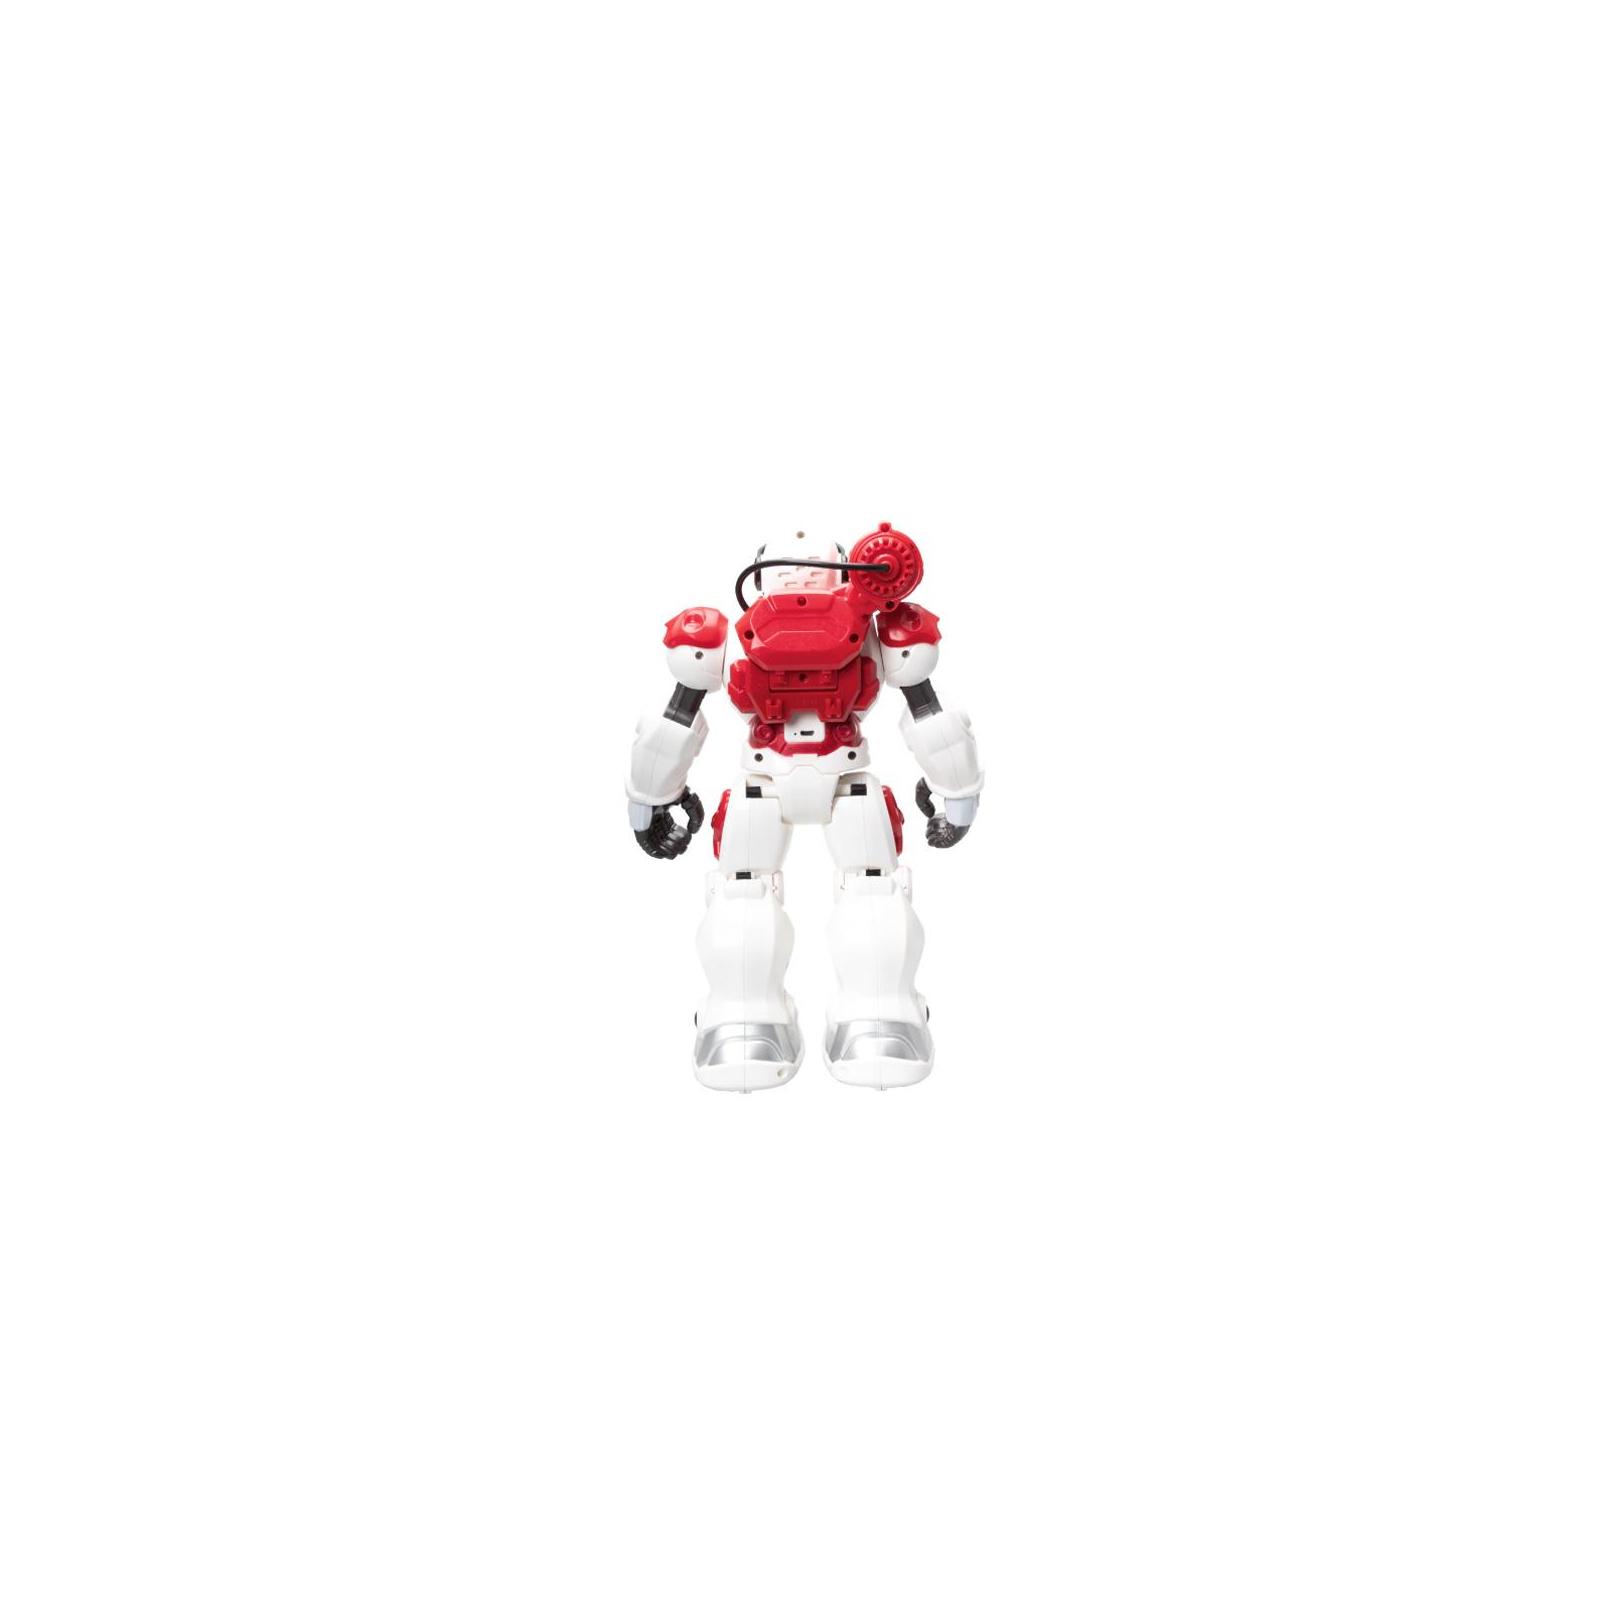 Интерактивная игрушка Blue Rocket робот Защитник (XT380771) изображение 3